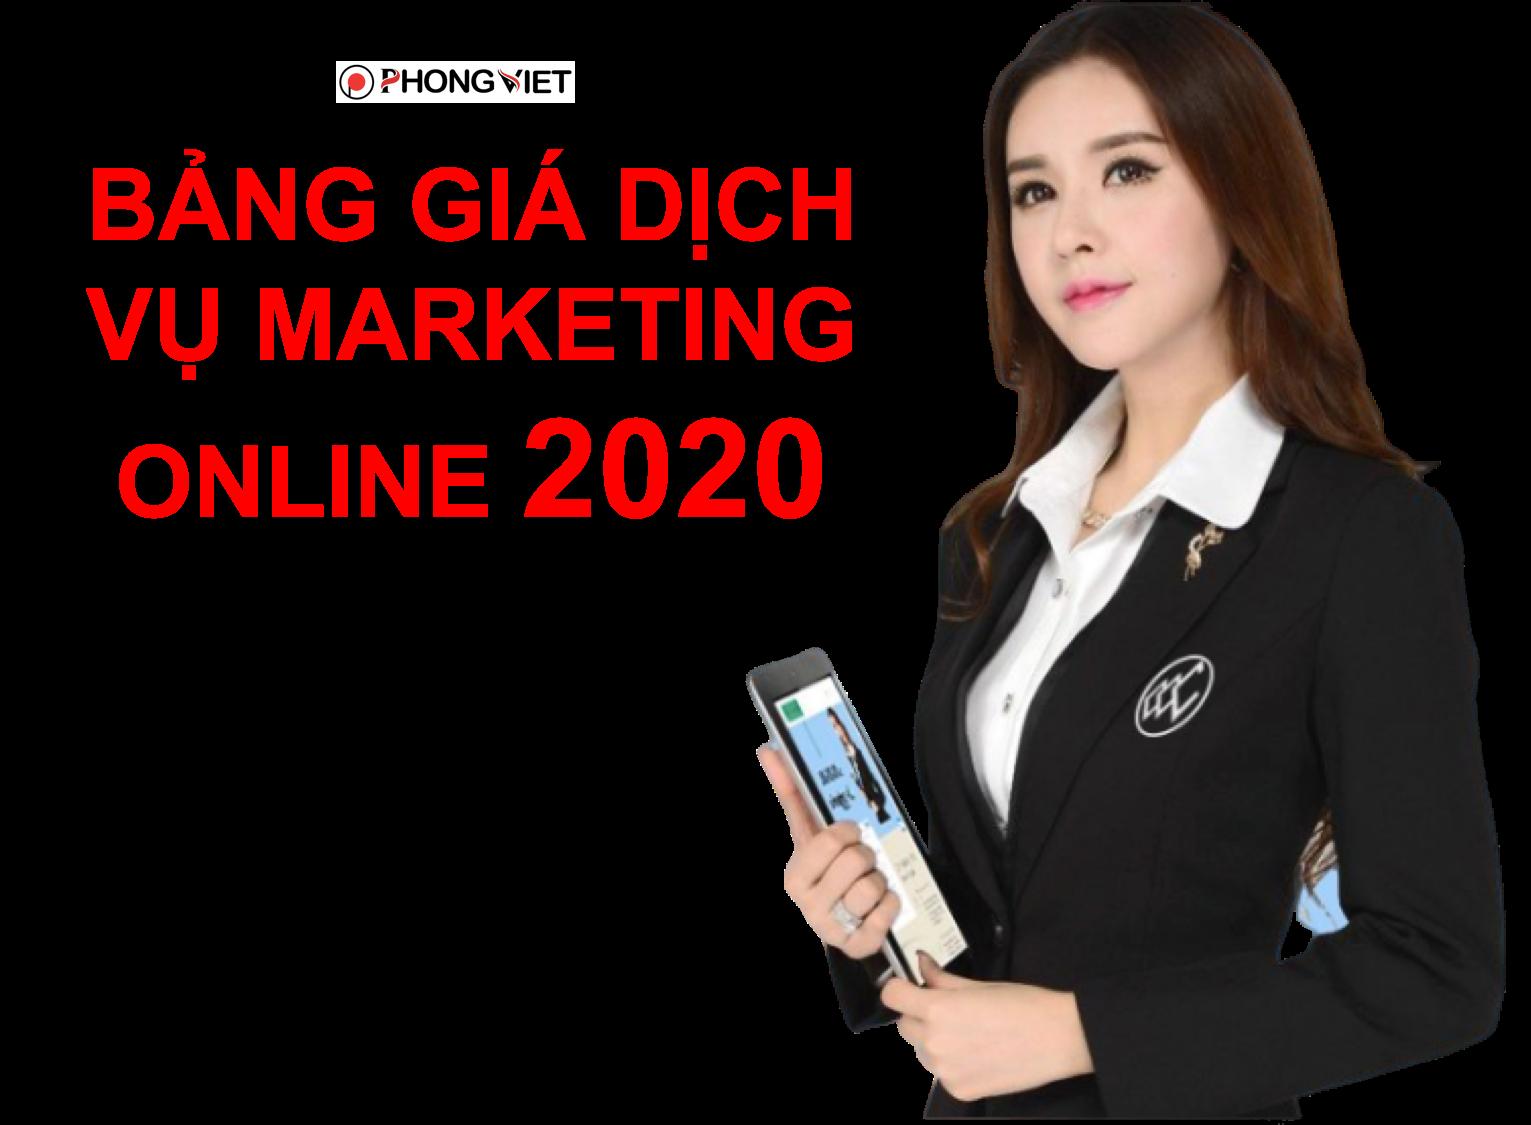 bảng giá dịch vụ marketing online 2020